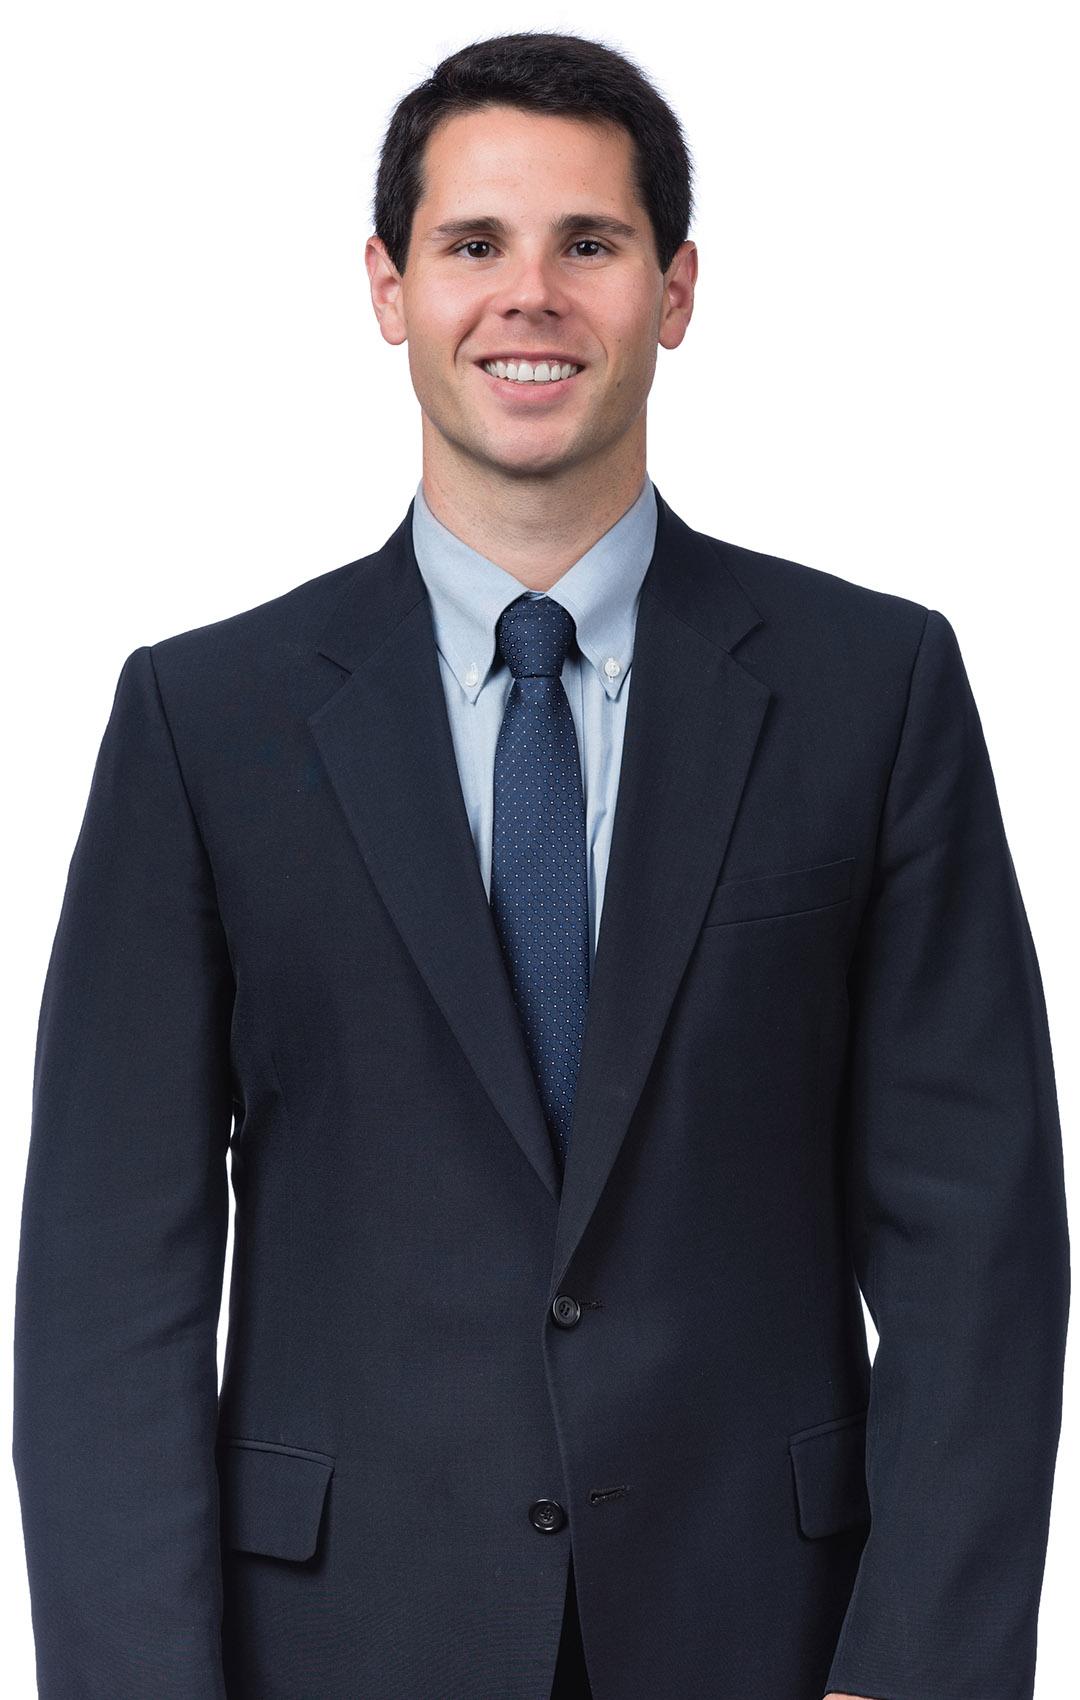 Nick Garifo